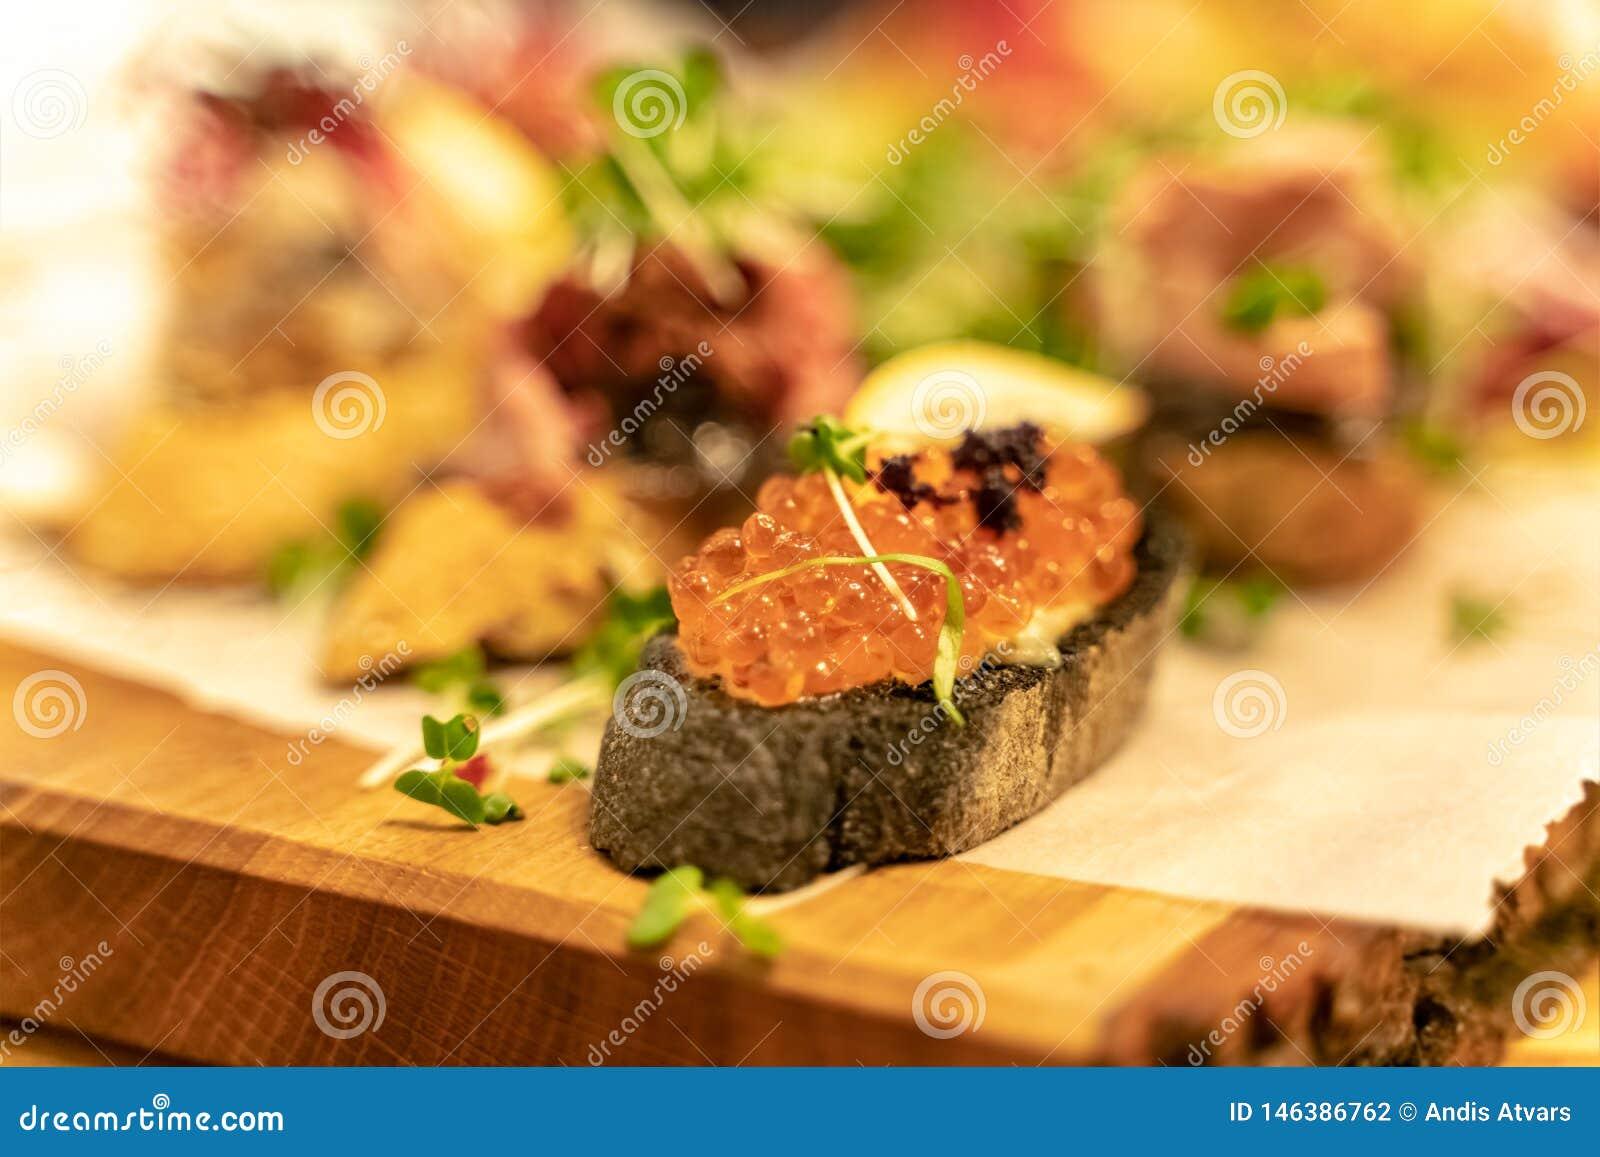 鱼子酱开胃小菜喝酒快餐设置与浅景深在黑暗的难看的东西背景的